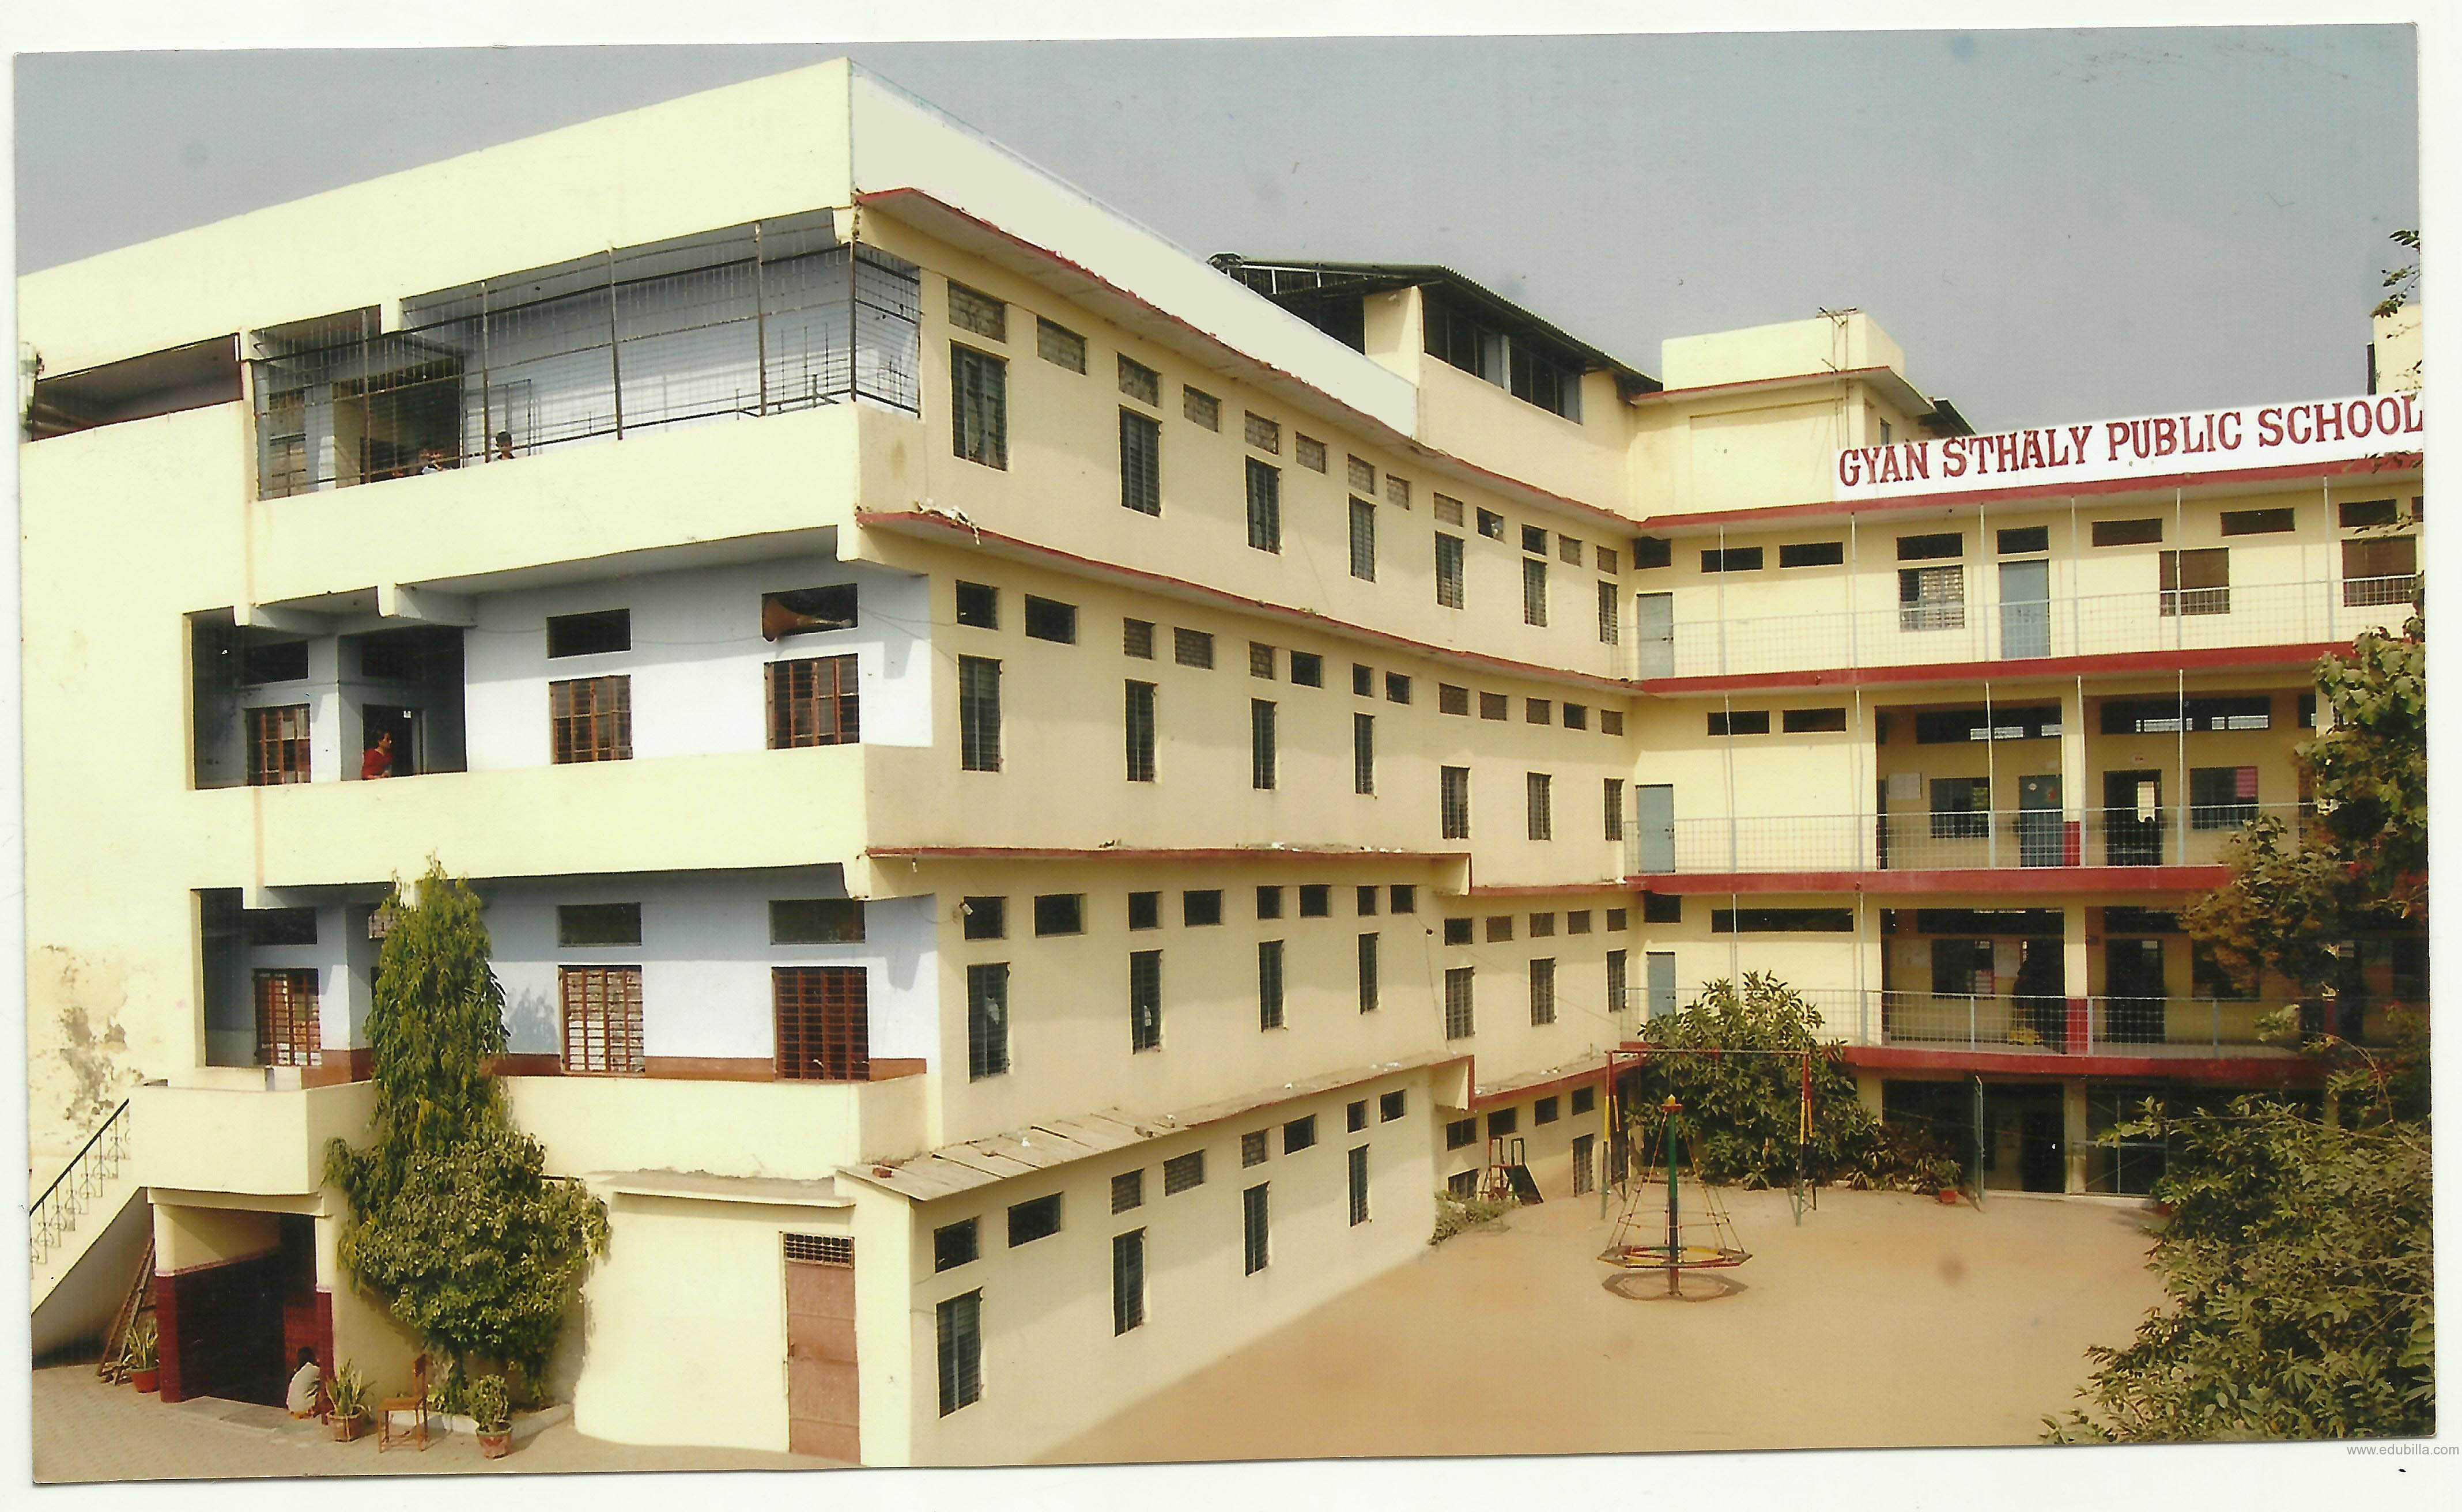 Gyan Sthaly Public School Edubillacom